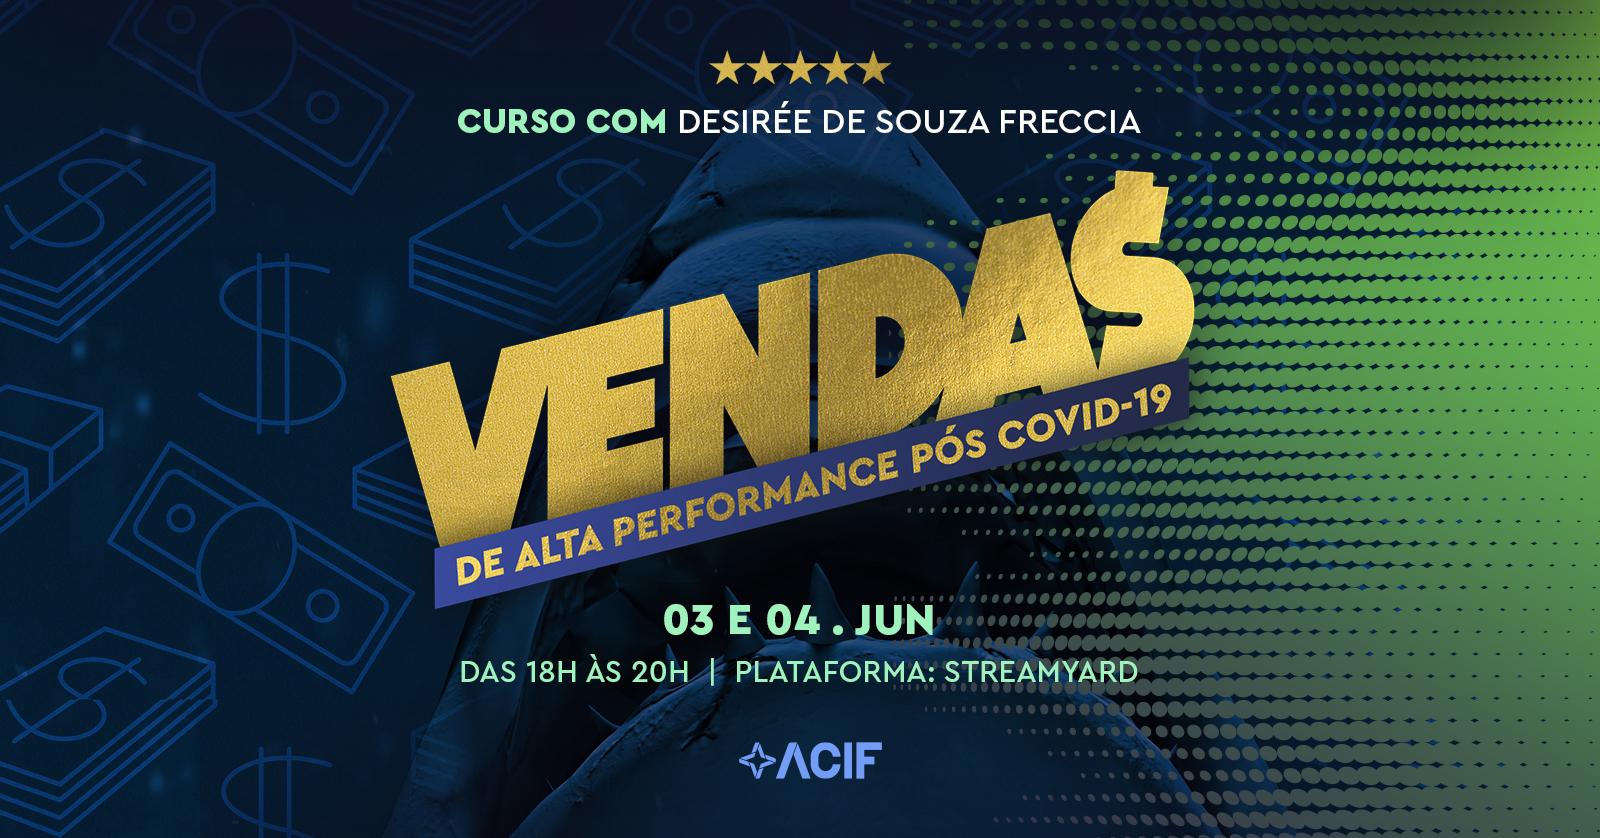 Vendas de Alta Performance Pós Covid-19